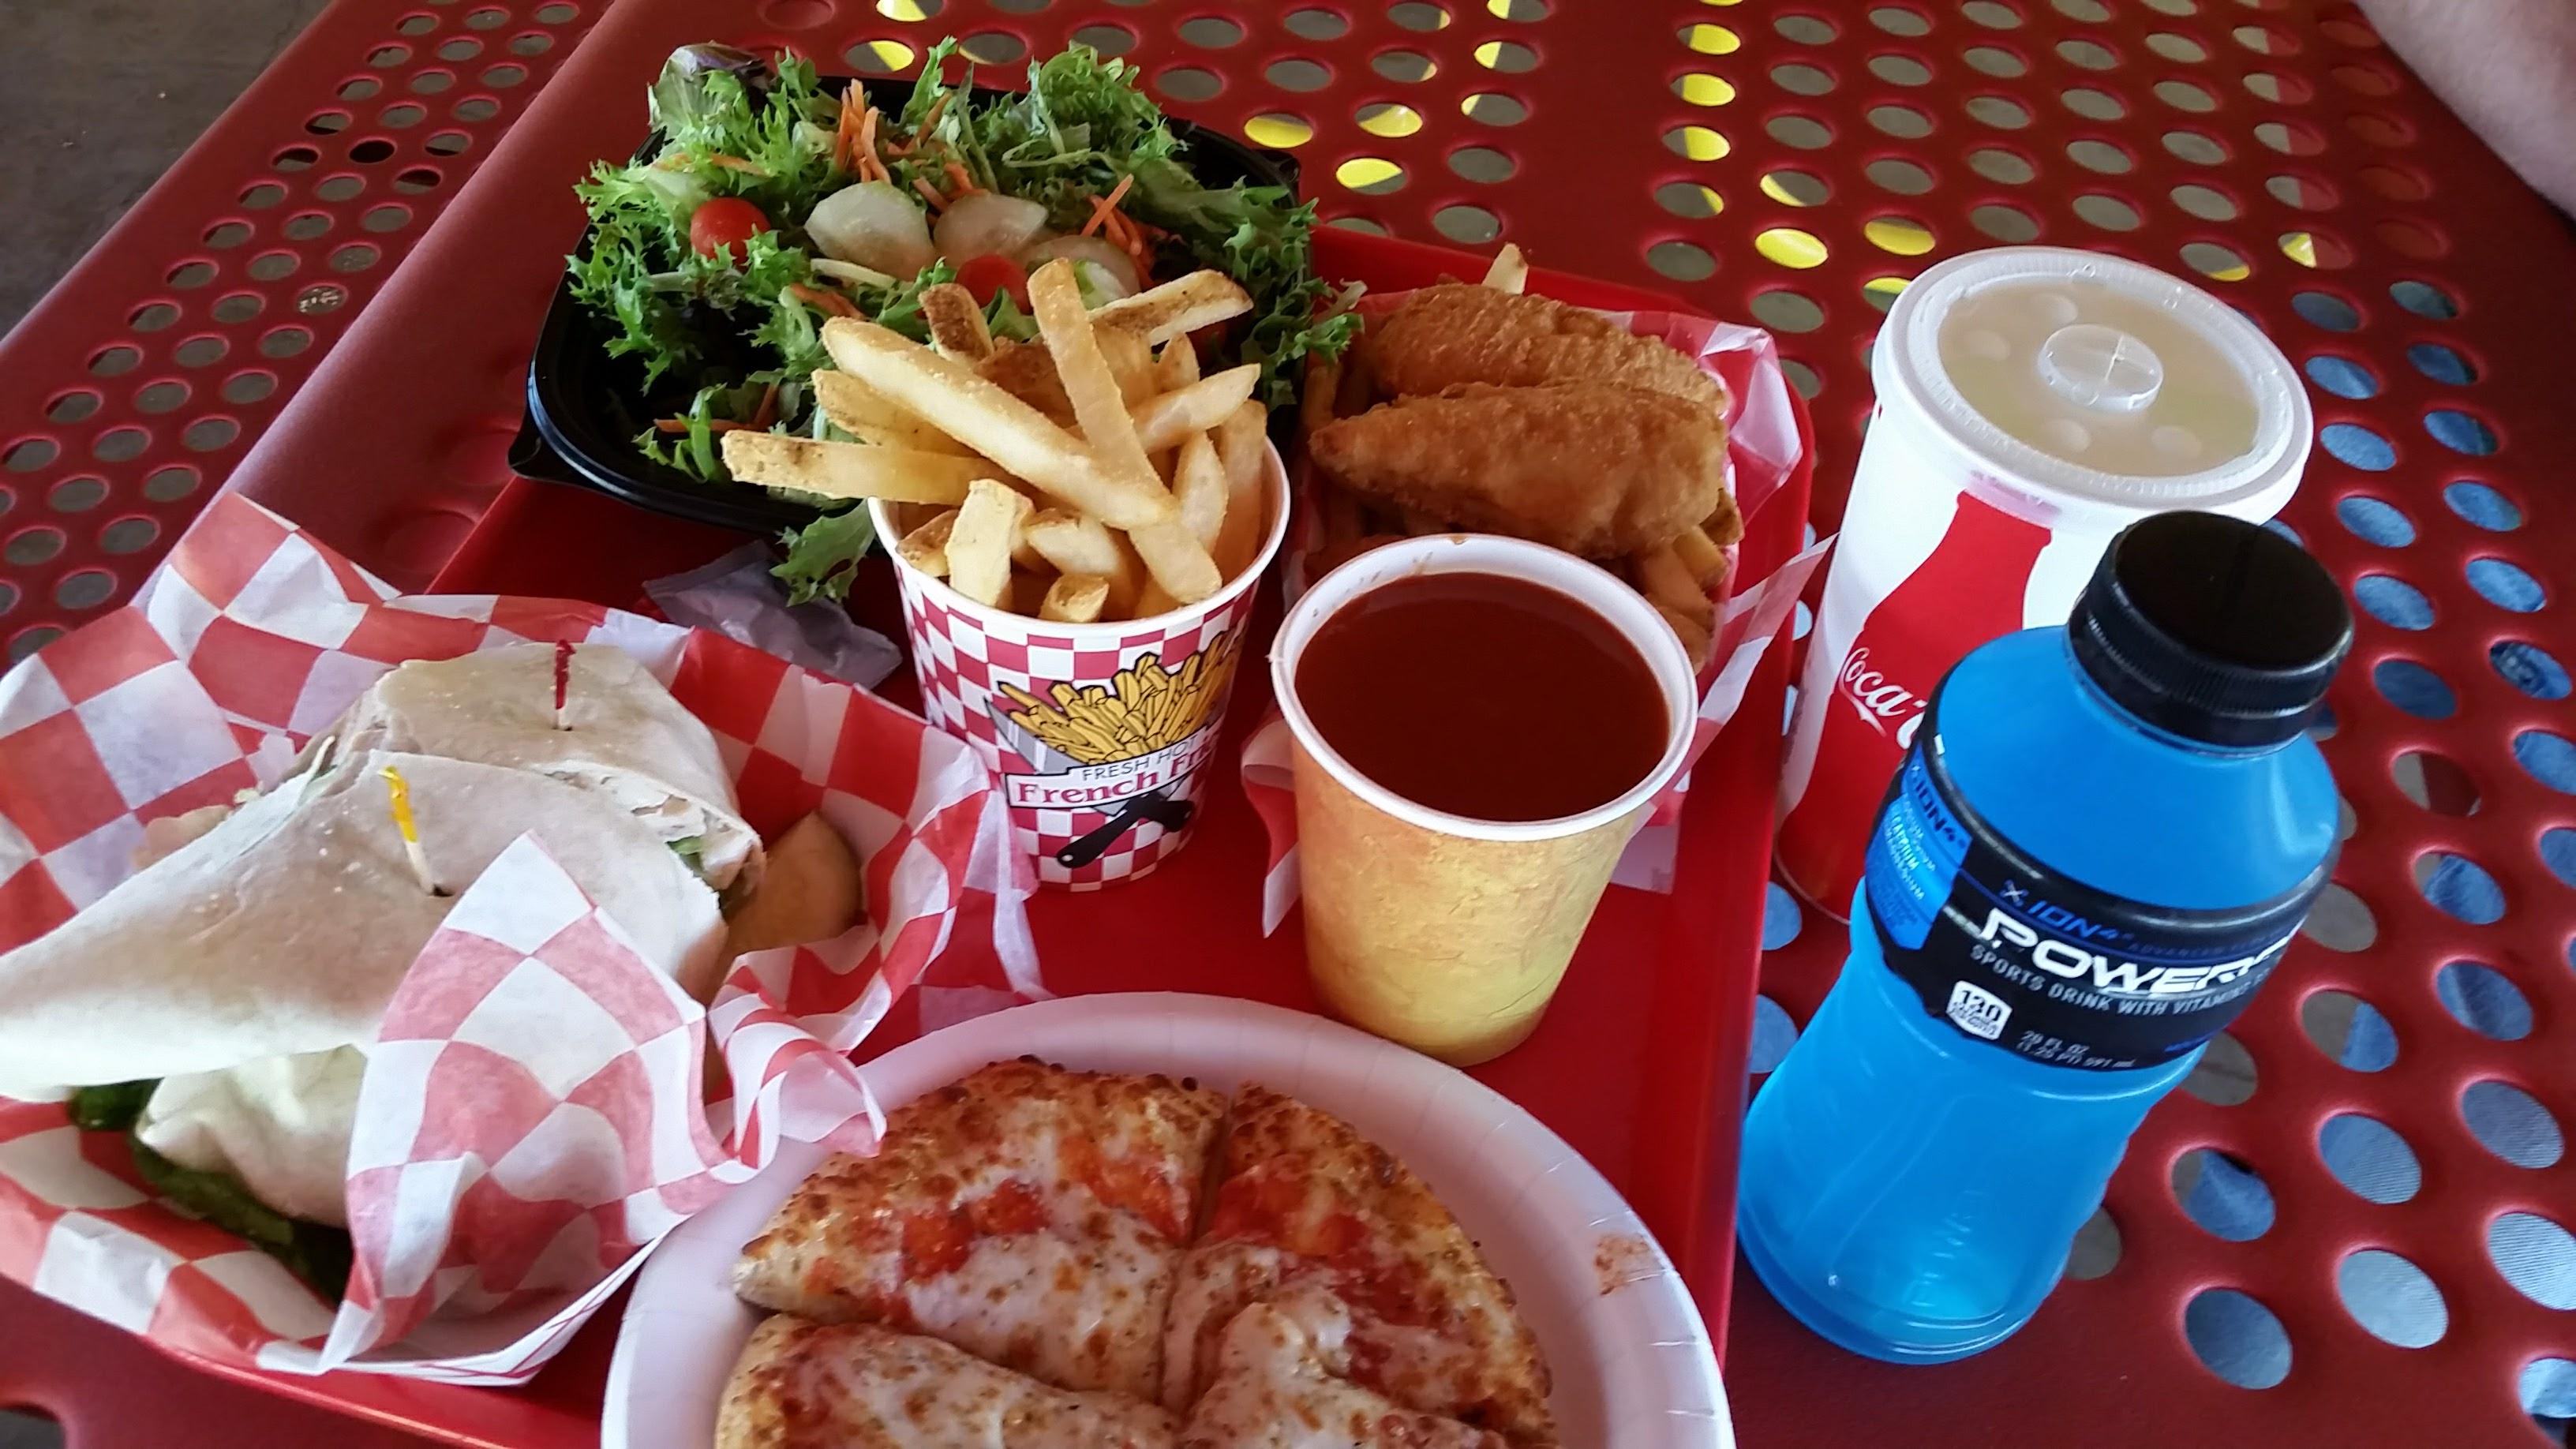 Food at Diggerland USA theme park